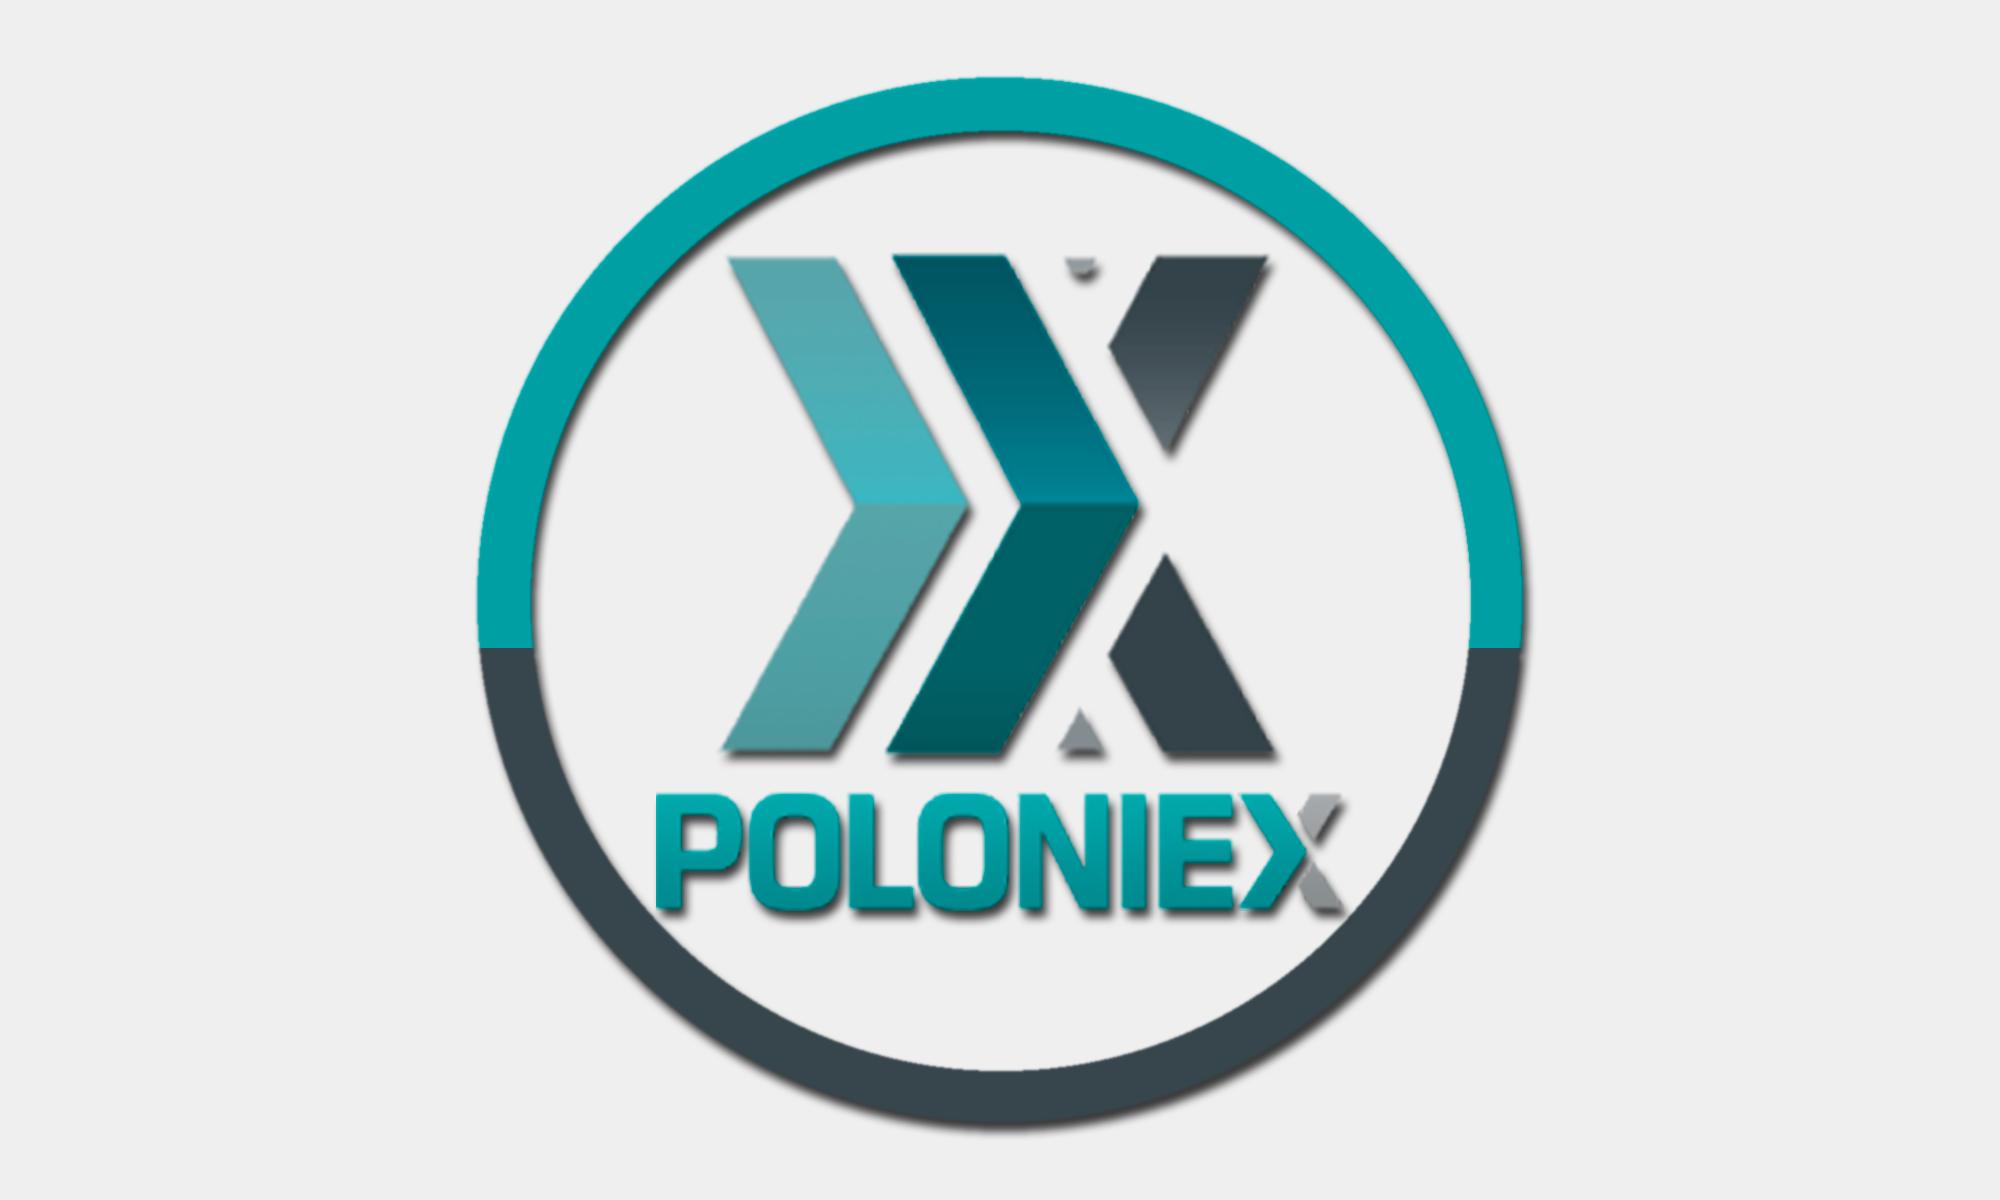 Биржа Poloniex решила исключить 23 пары